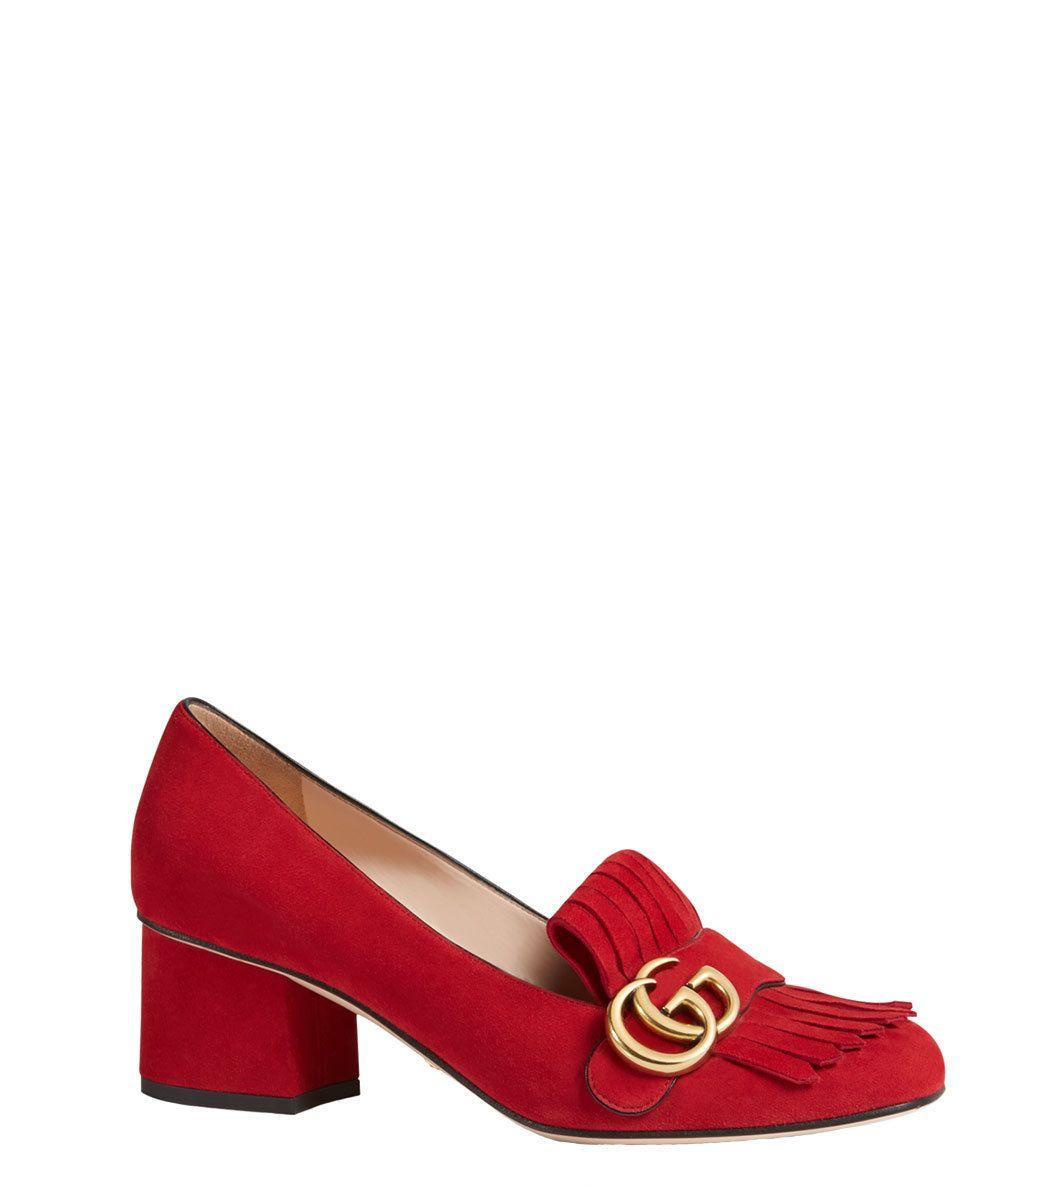 0702e39135b Gucci Red  Marmont  Pump